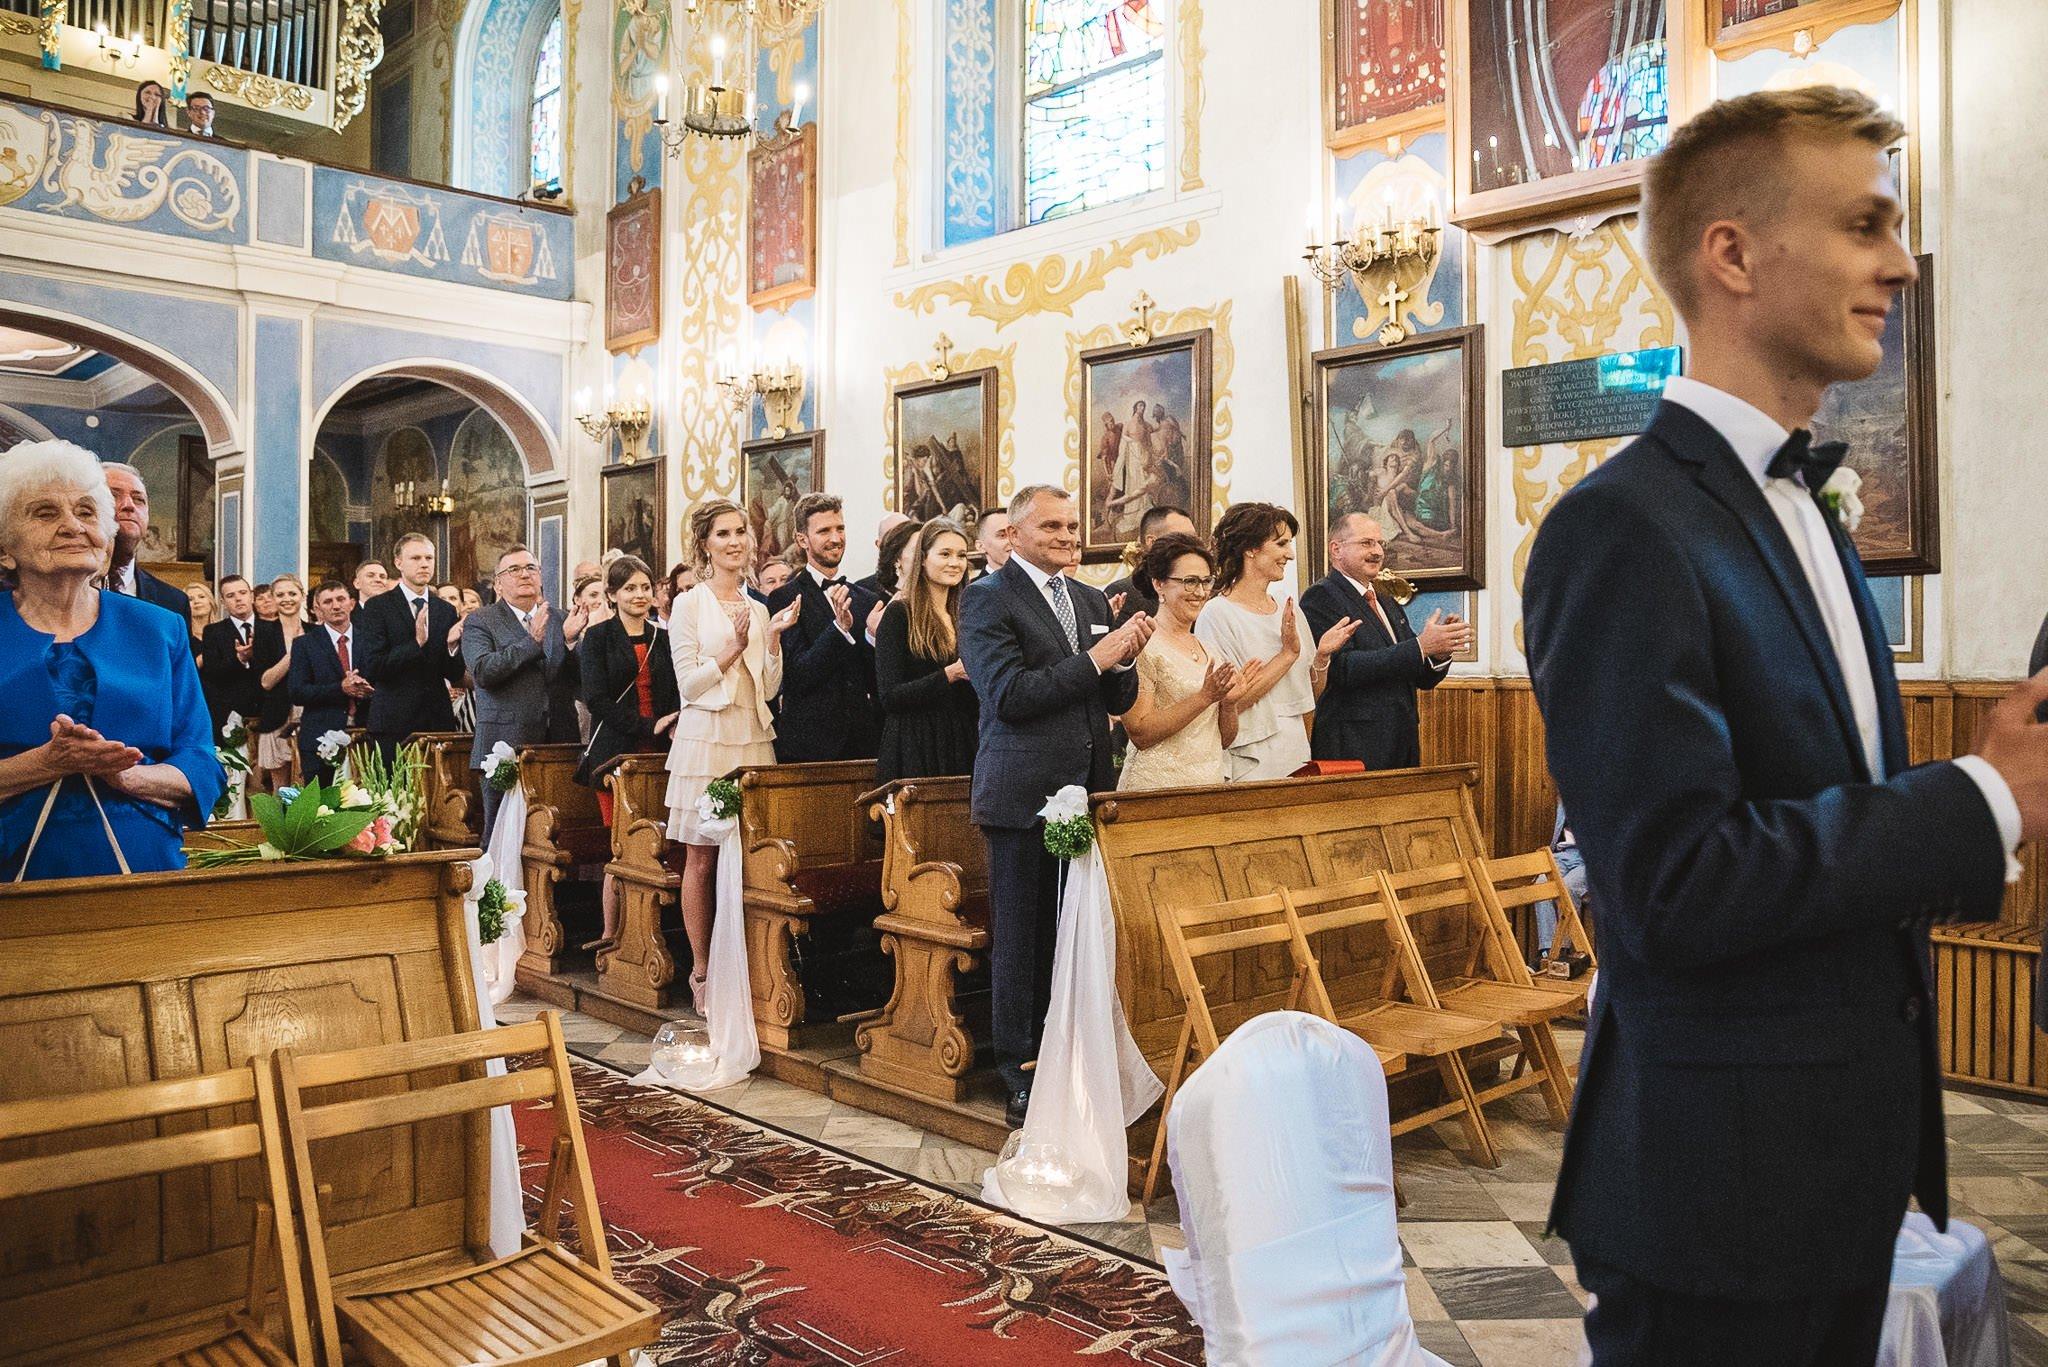 Monika i Michał, wesele w Paryżu i sesja plenerowa w stadninie koni w Czołowie 128